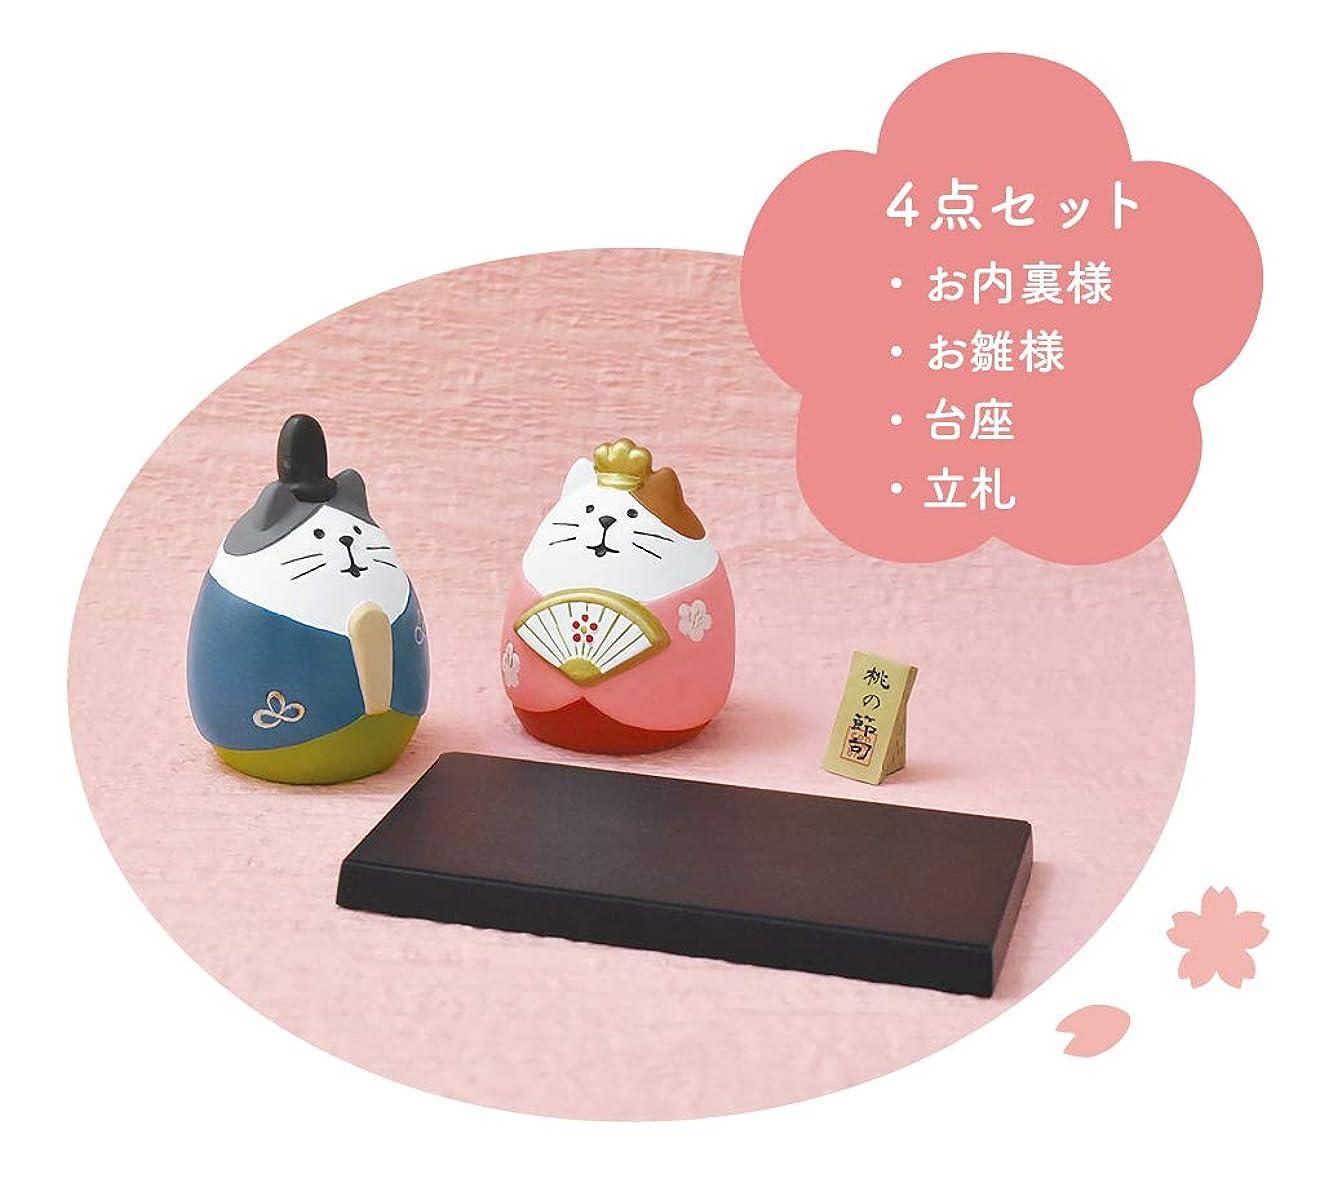 心のこもったインフレーションボランティアデコレ(Decole) 置物 節句飾り 猫雛セット 13.2×7×H9cm コンコンブル concombre ZMM-17261